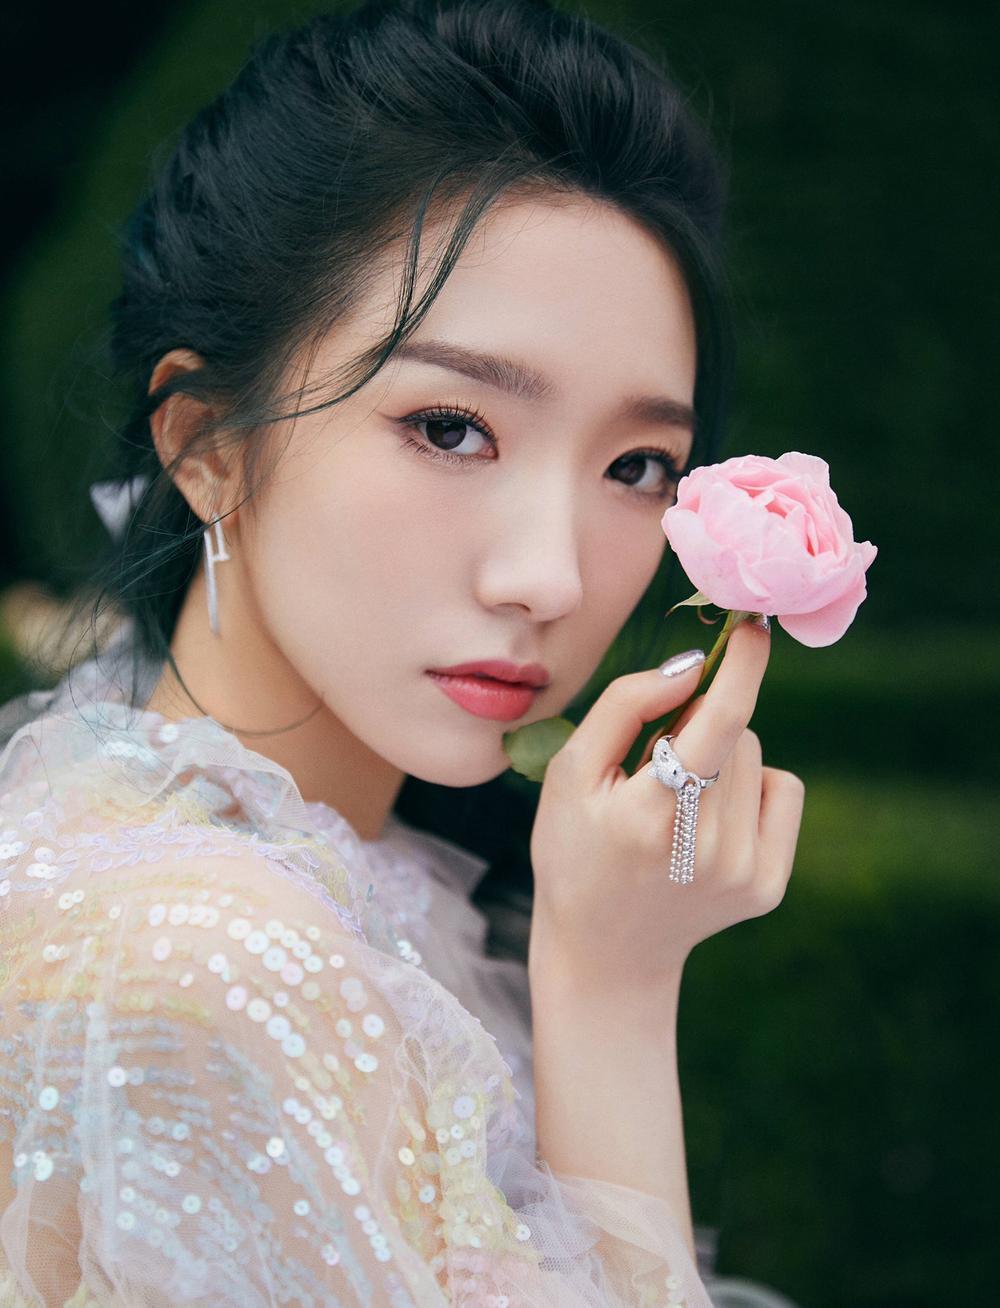 Hai center từ show tuyển chọn tài năng Châu Chấn Nam và Mạnh Mỹ Kỳ đang hẹn hò? Ảnh 11